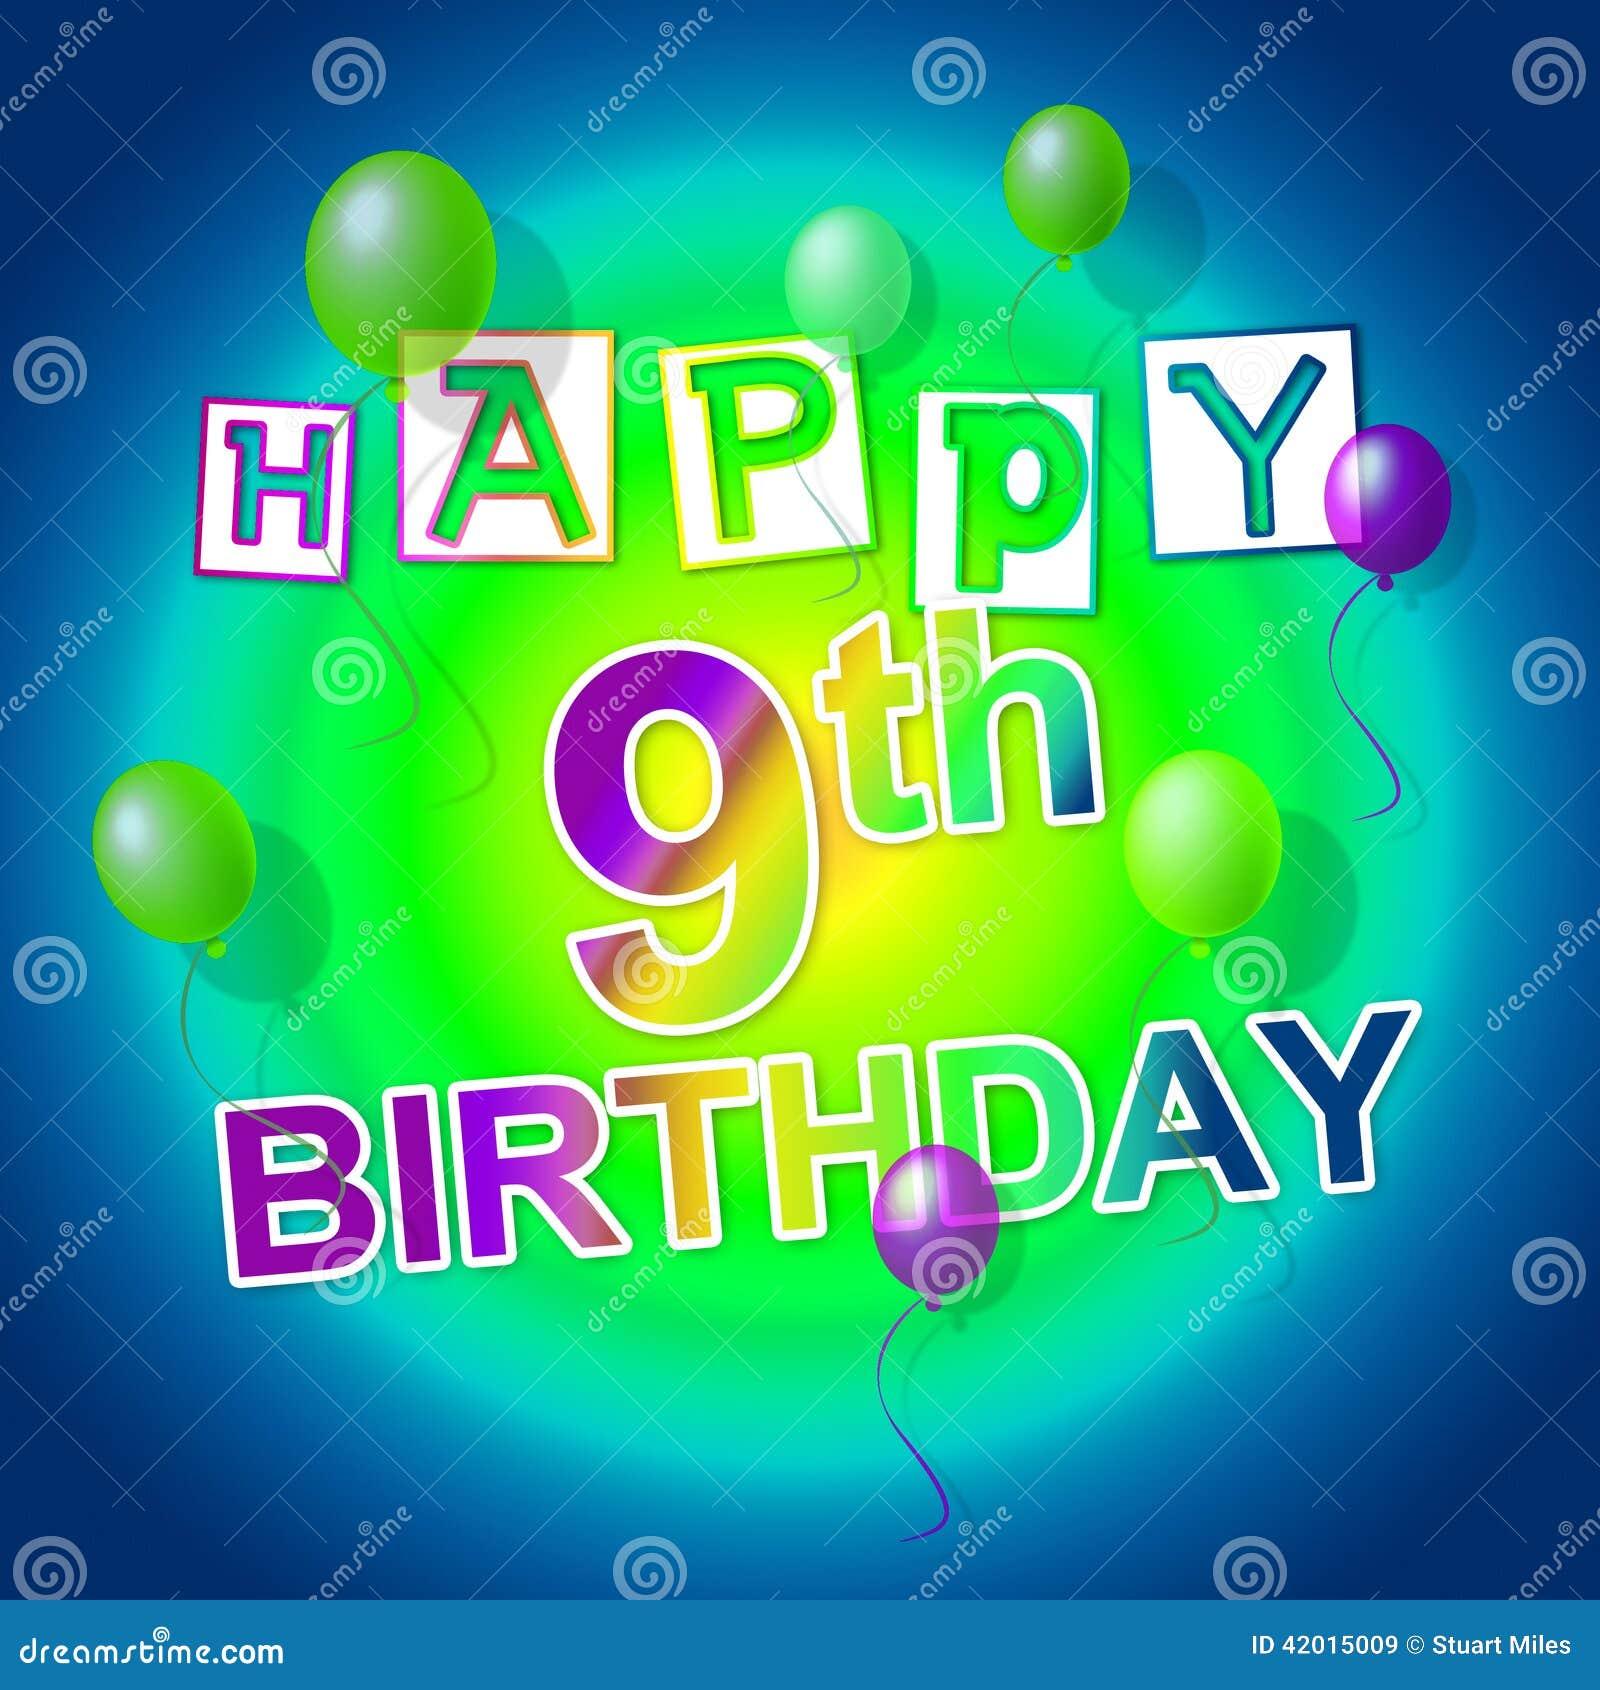 Alles Gute Zum Geburtstag Zeigt Spass Parteien Und Gruss Stock